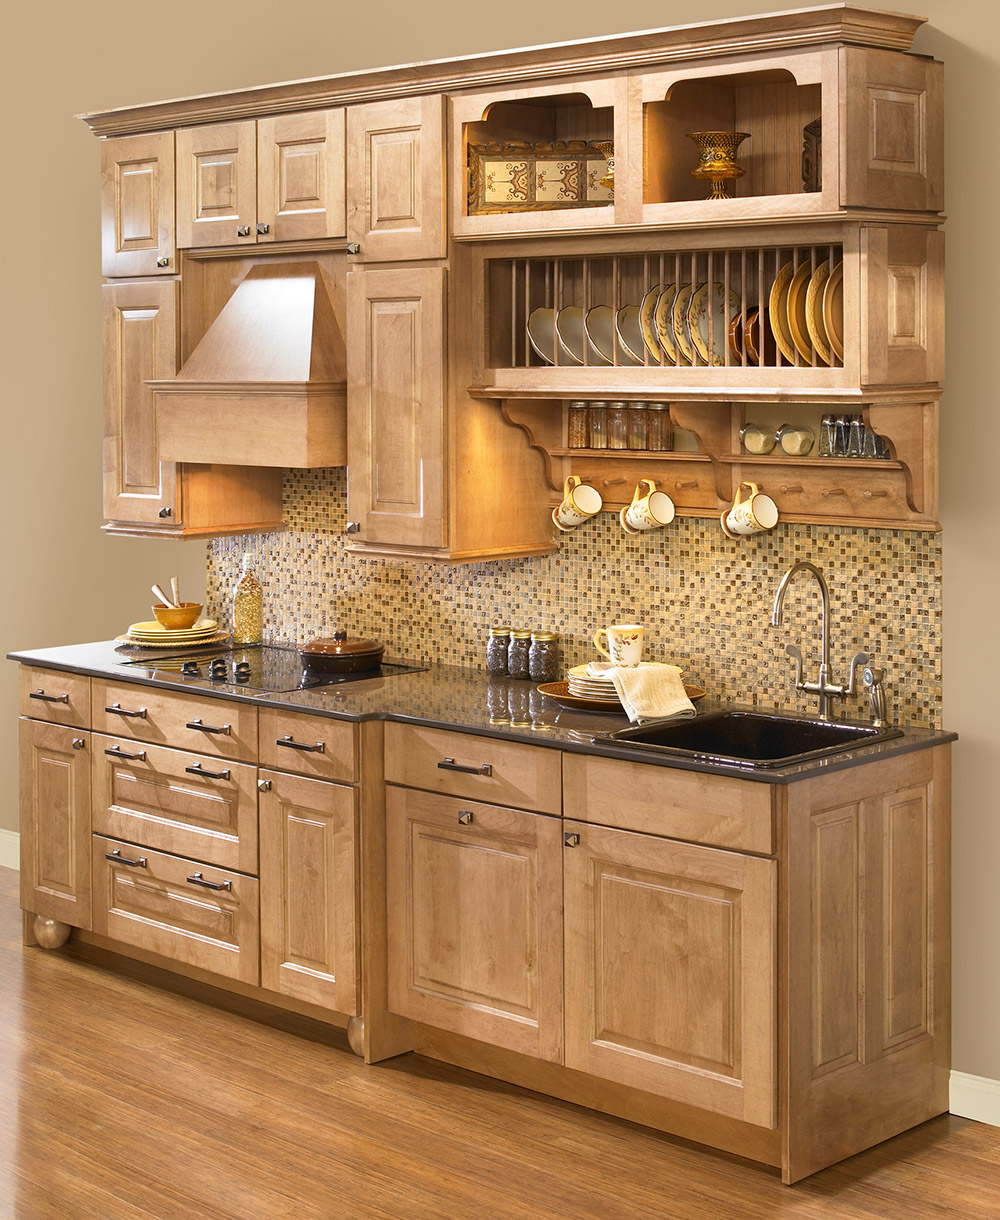 Полка для посуды в кухонном гарнитуре